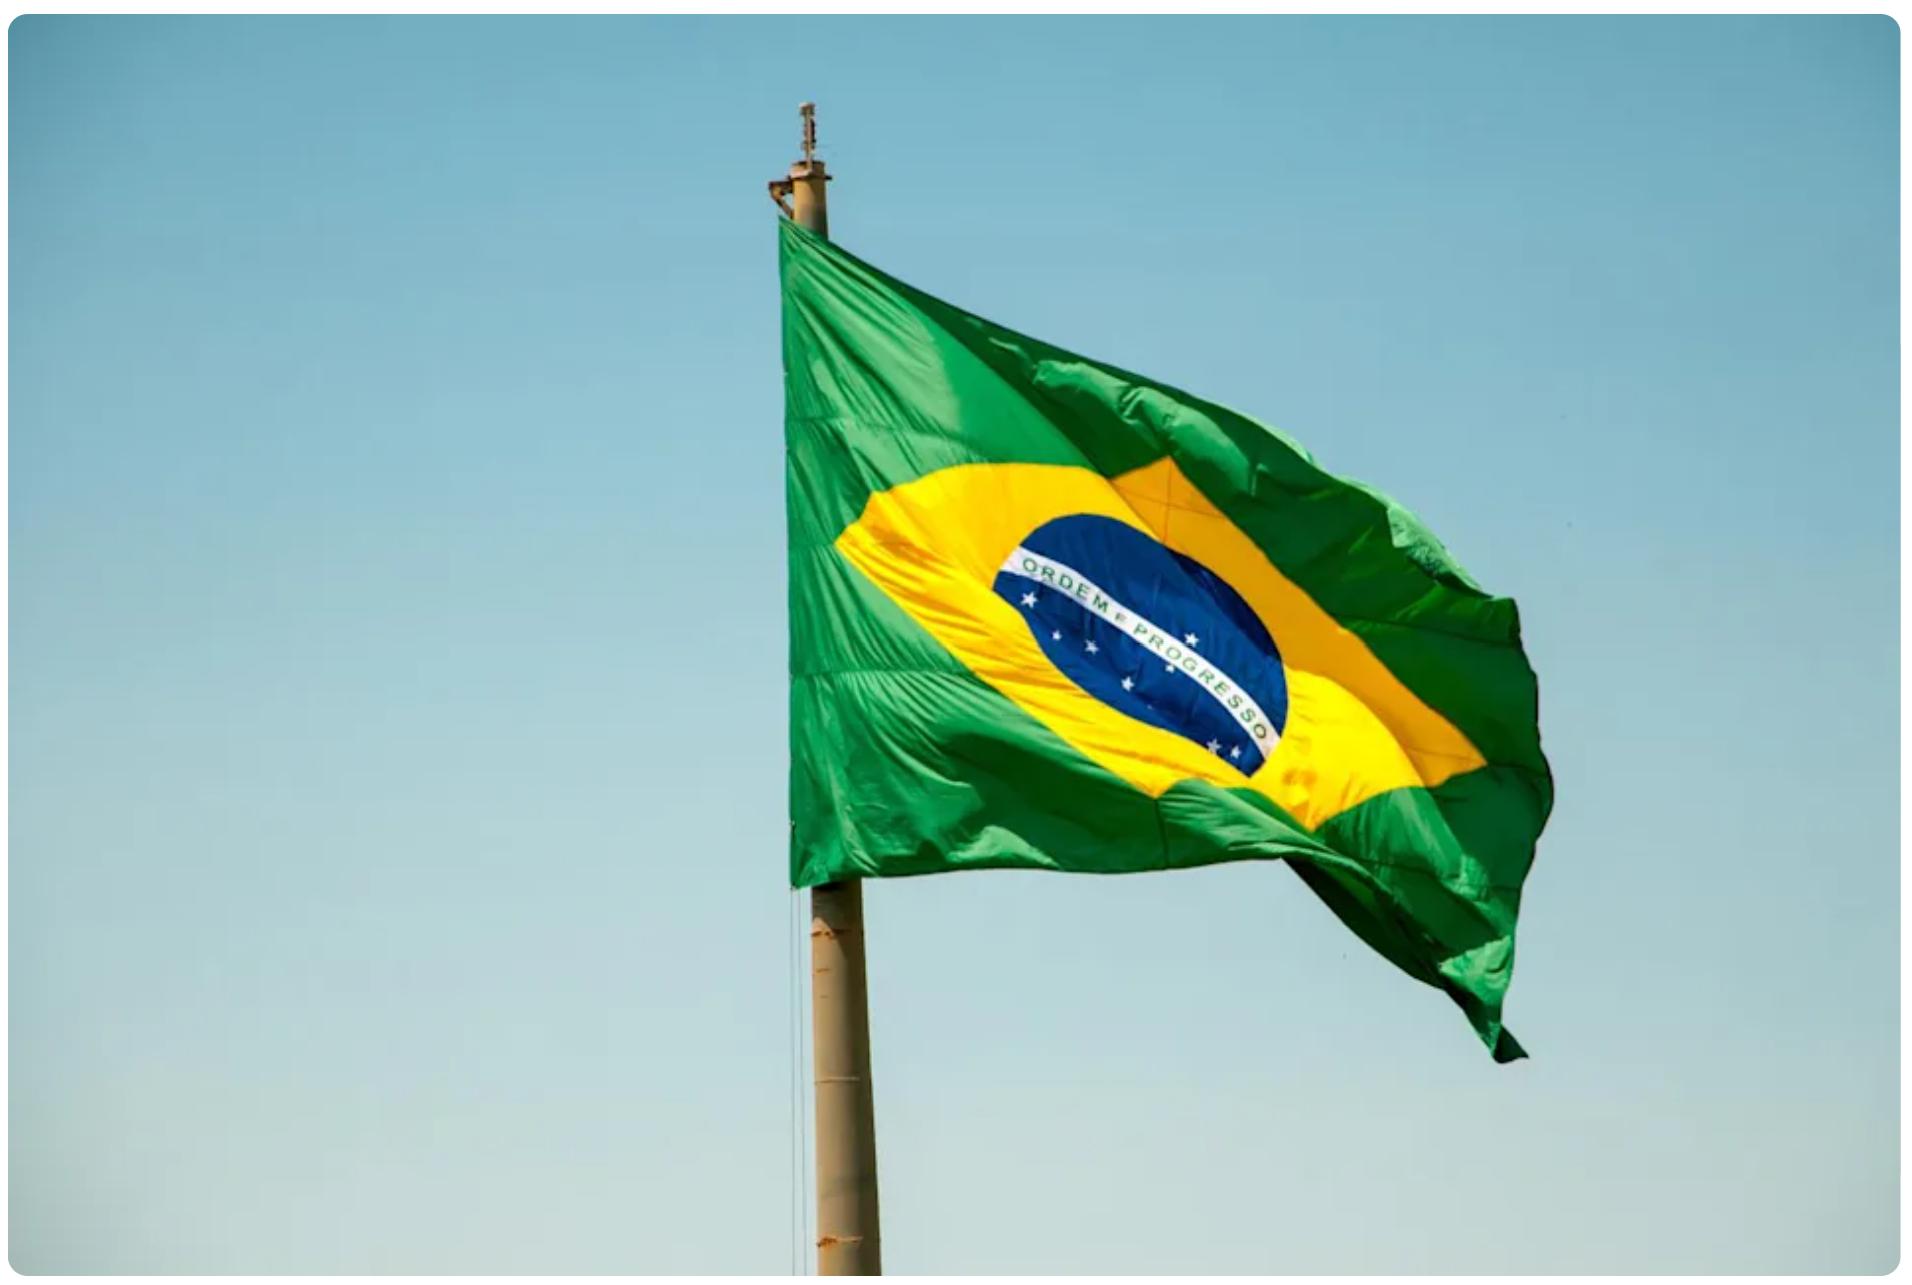 پلیس برزیل 33 میلیون دلار کریپتو را در جریان تحقیقات پولشویی توقیف کرد